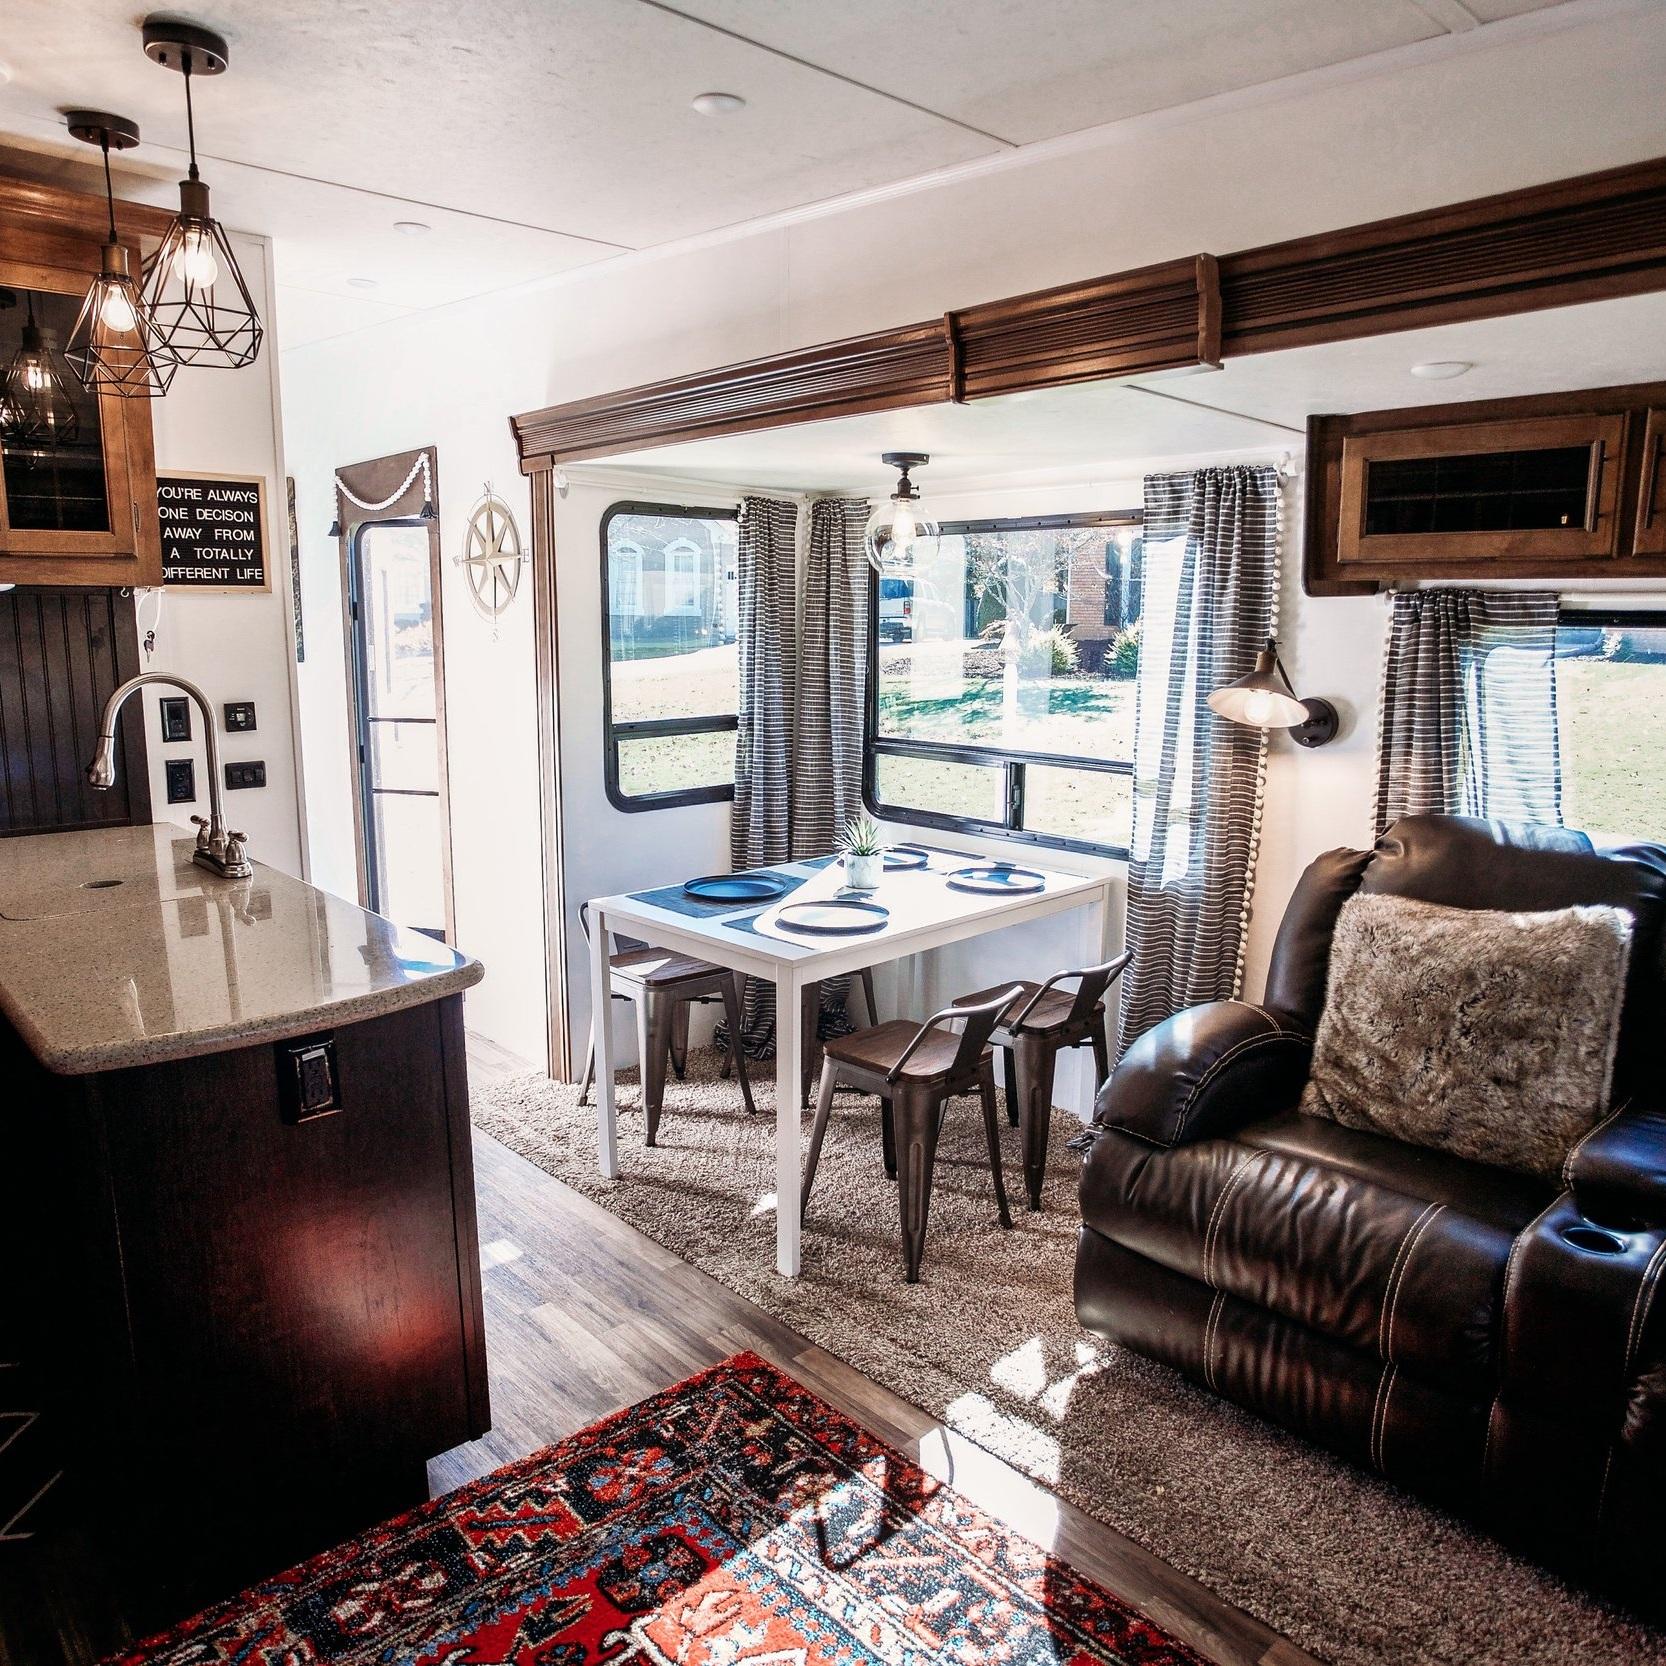 RV Decor & Furniture -